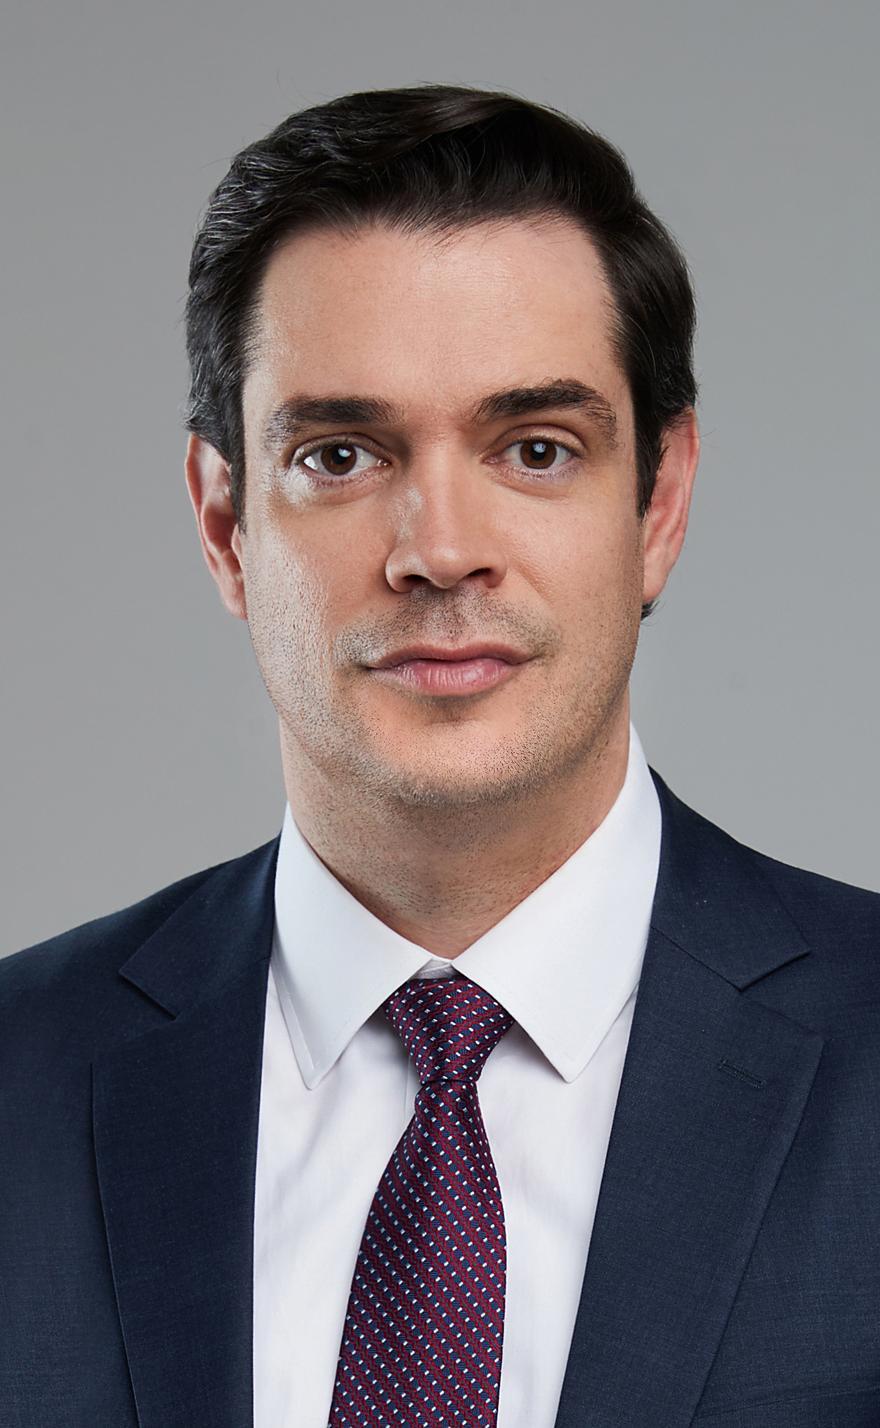 Bert Hernandez